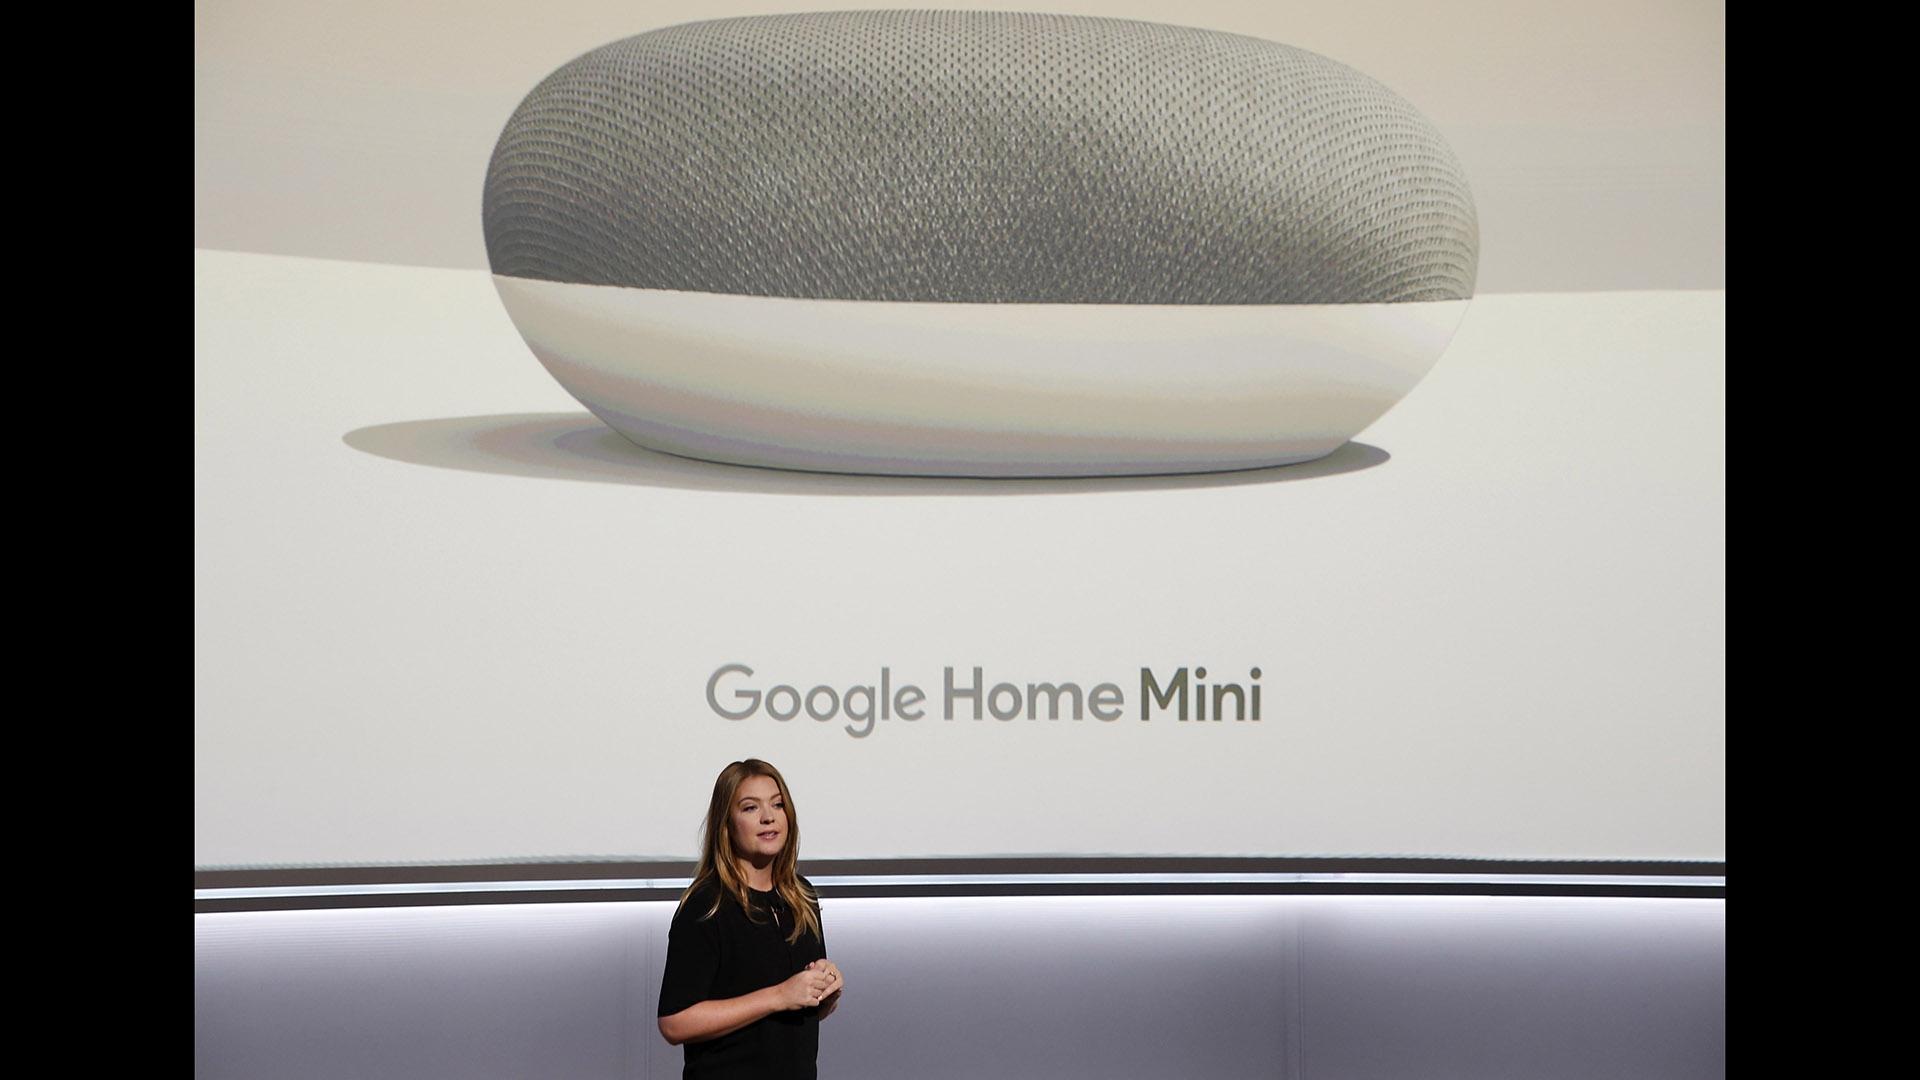 Isabelle Olsson, Directora de Diseño Industrial para Google Home, habla sobre la nueva versión Mini del producto